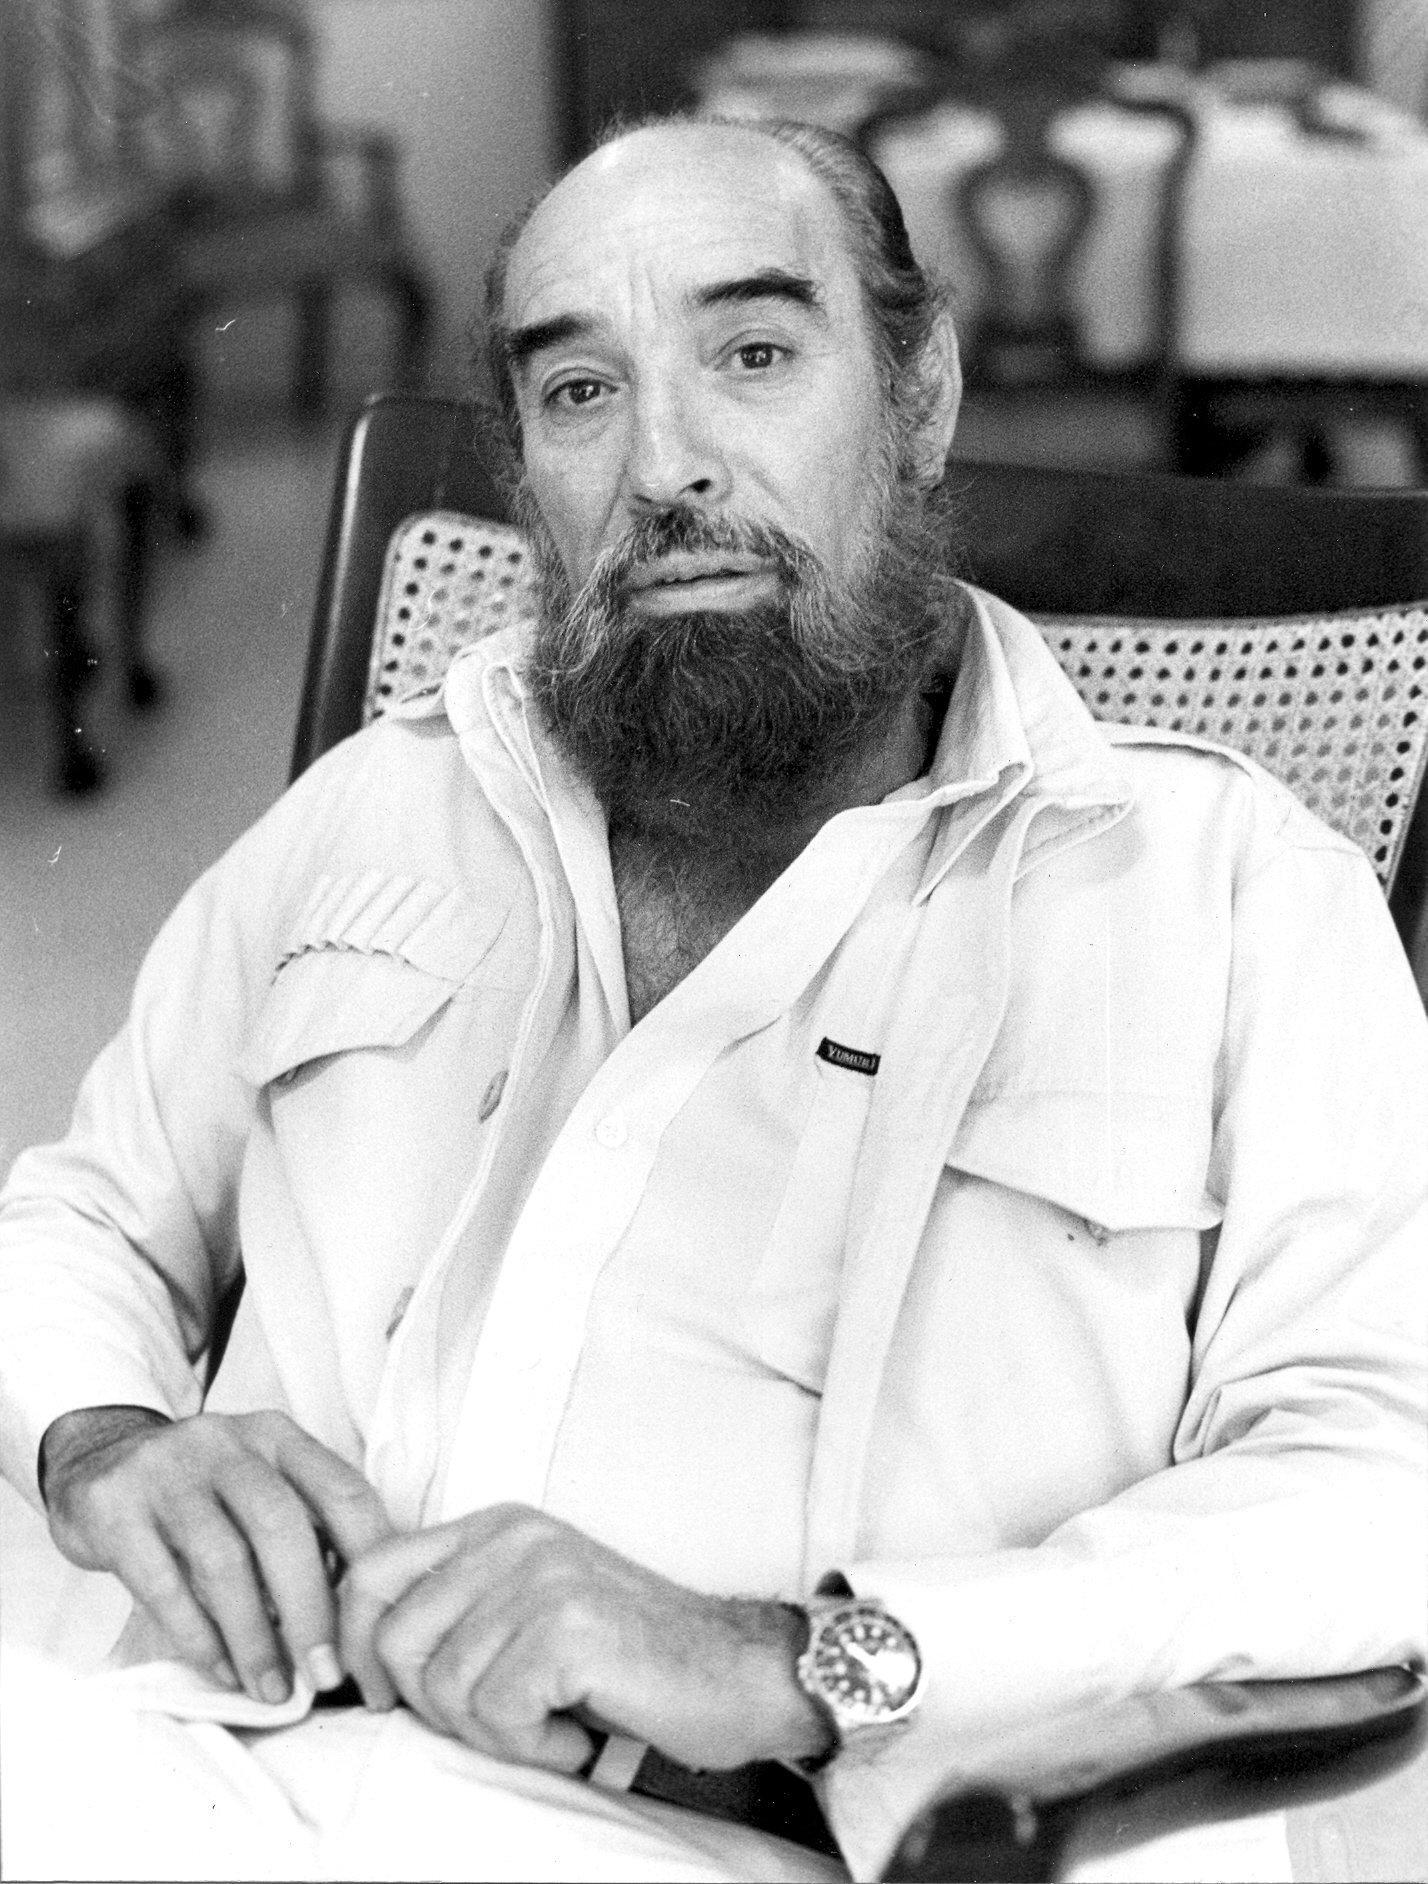 Antonio Núñez Jiménez, el Jacques Cousteau cubano